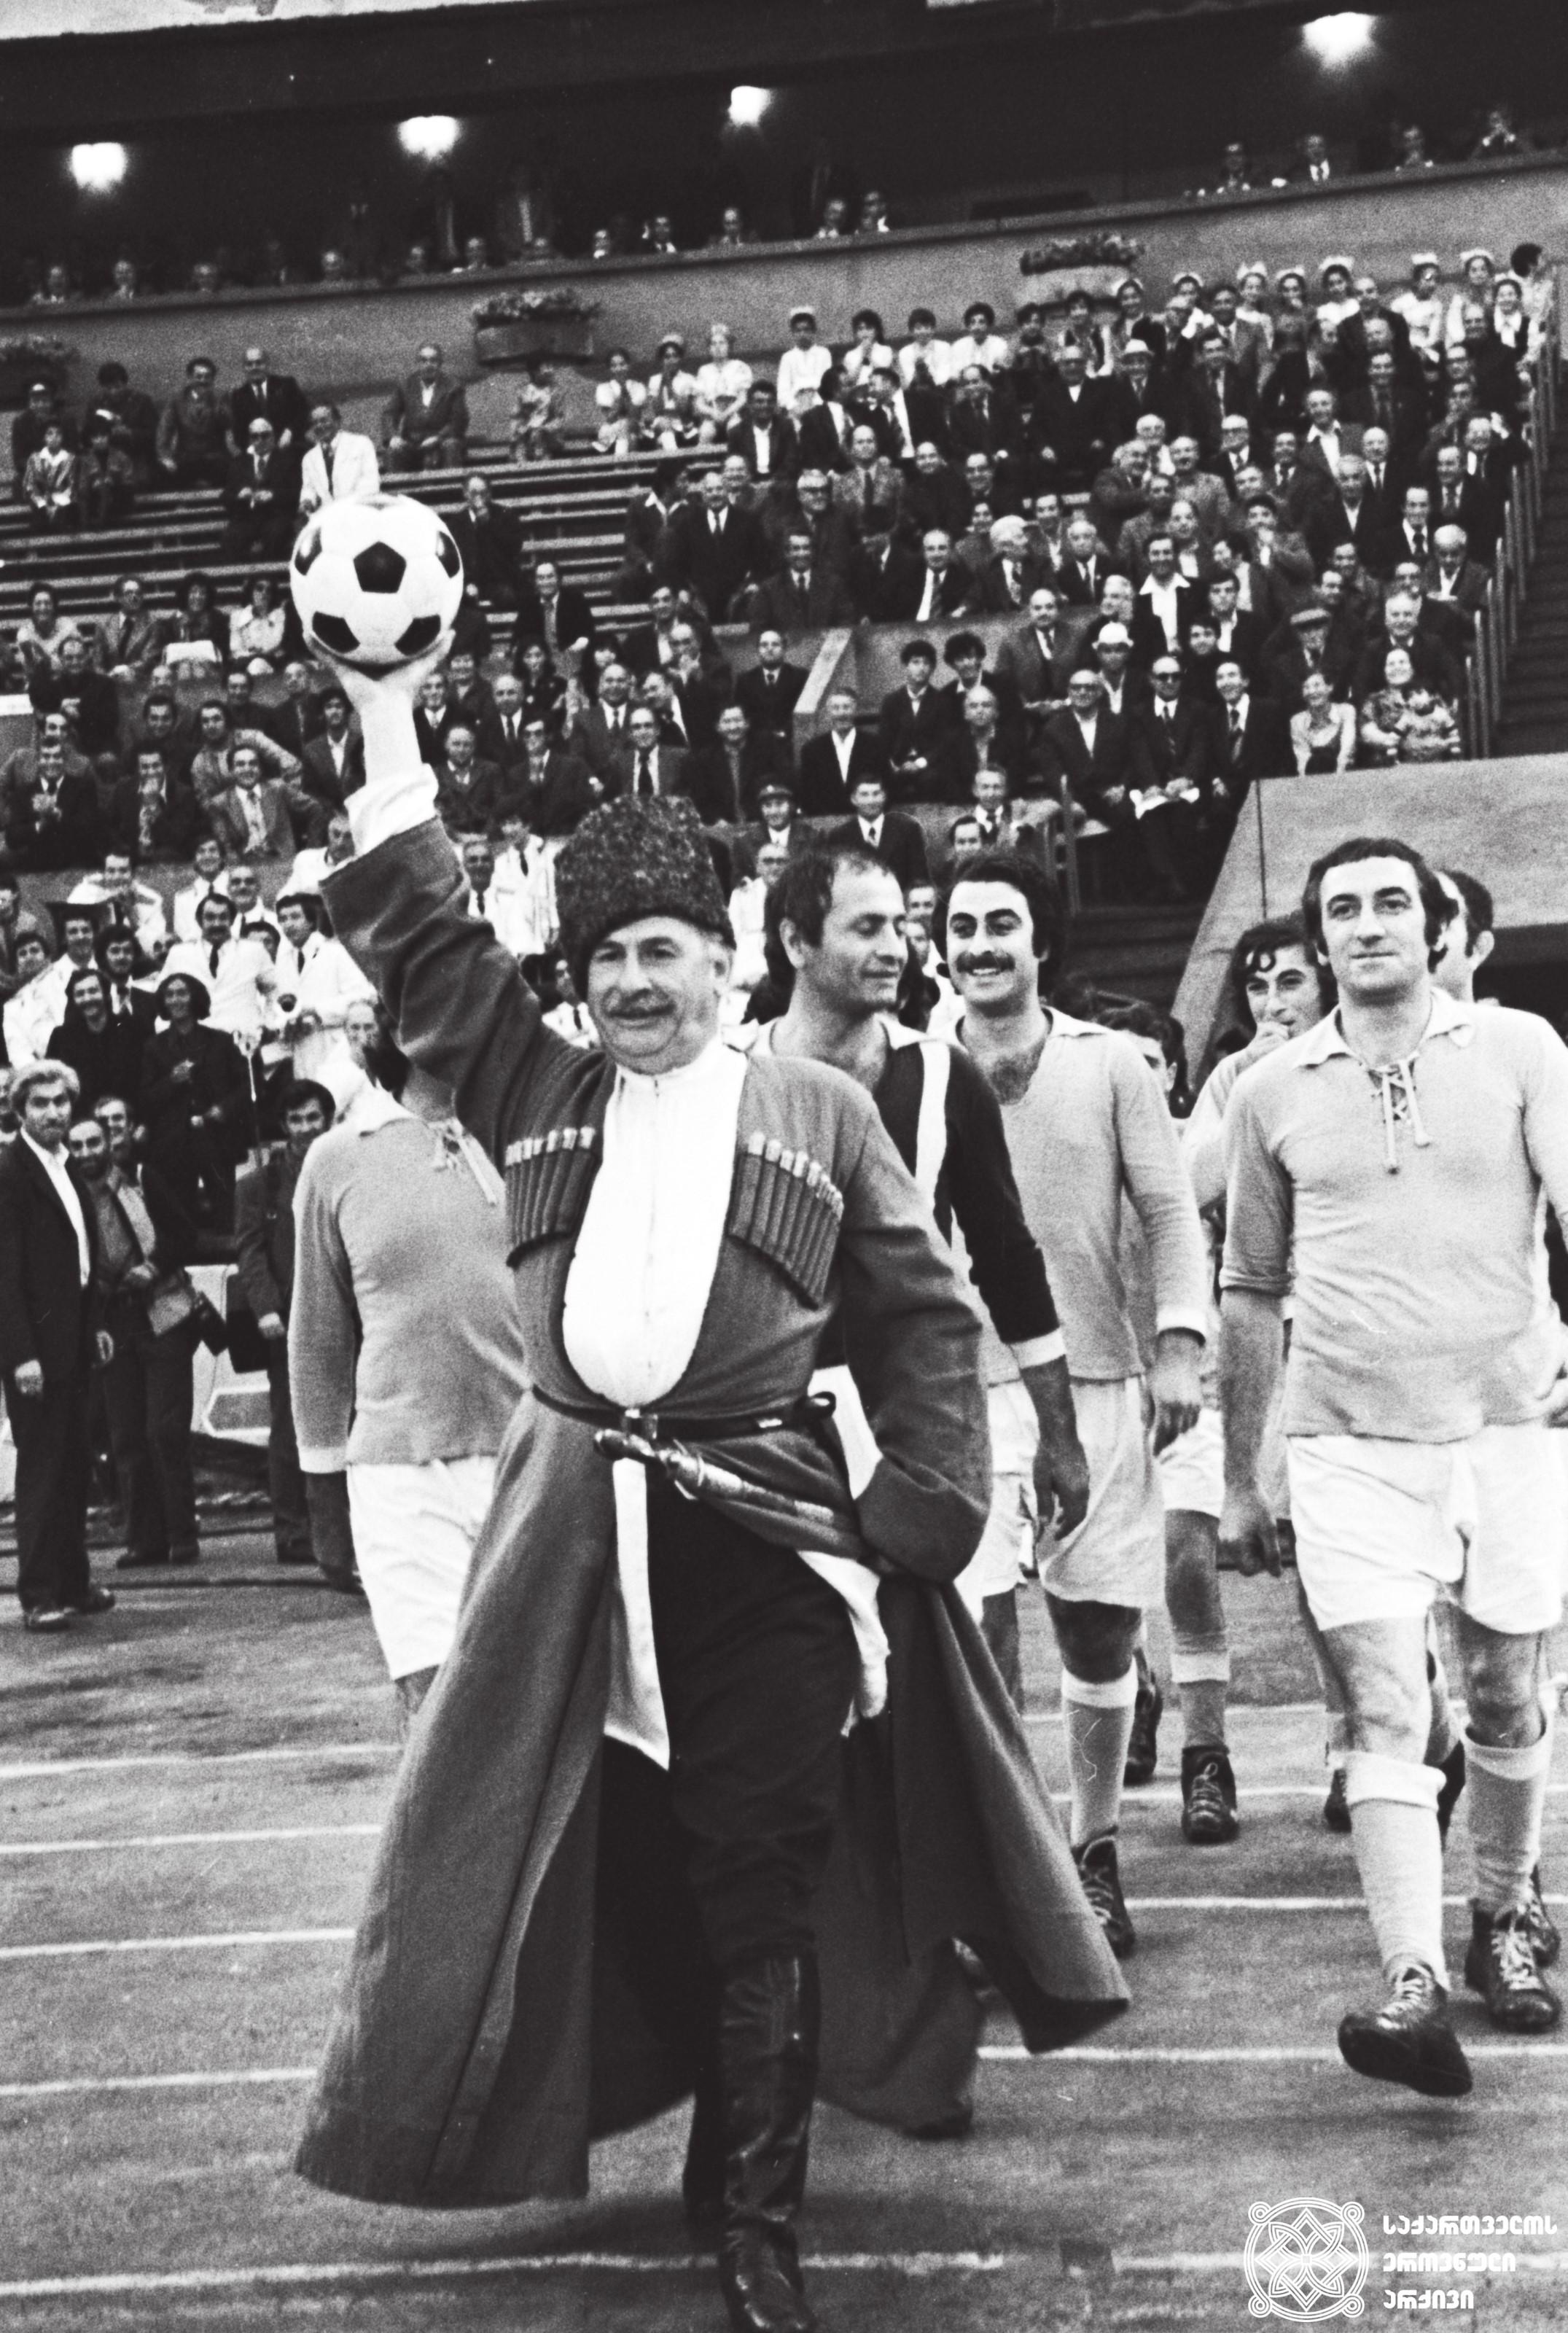 """შეხვედრა მხატვრული ფილმის """"პირველი მერცხალი"""" გადამღებ ჯგუფთან თბილისის სპორტის სასახლეში. მთავარ როლში: დოდო აბაშიძე (ფოტოზე ცენტრში). <br> რეჟისორი: ნანა მჭედლიძე. ფილმი გადაღებულია 1975 წელს <br> Meeting with the film crew of the feature film """"First Swallow"""" at Tbilisi Sport Palace.  In main role: Dodo Abashidze (in the center).  <br> Director: Nana Mchedlidze. Film is shot in 1975"""